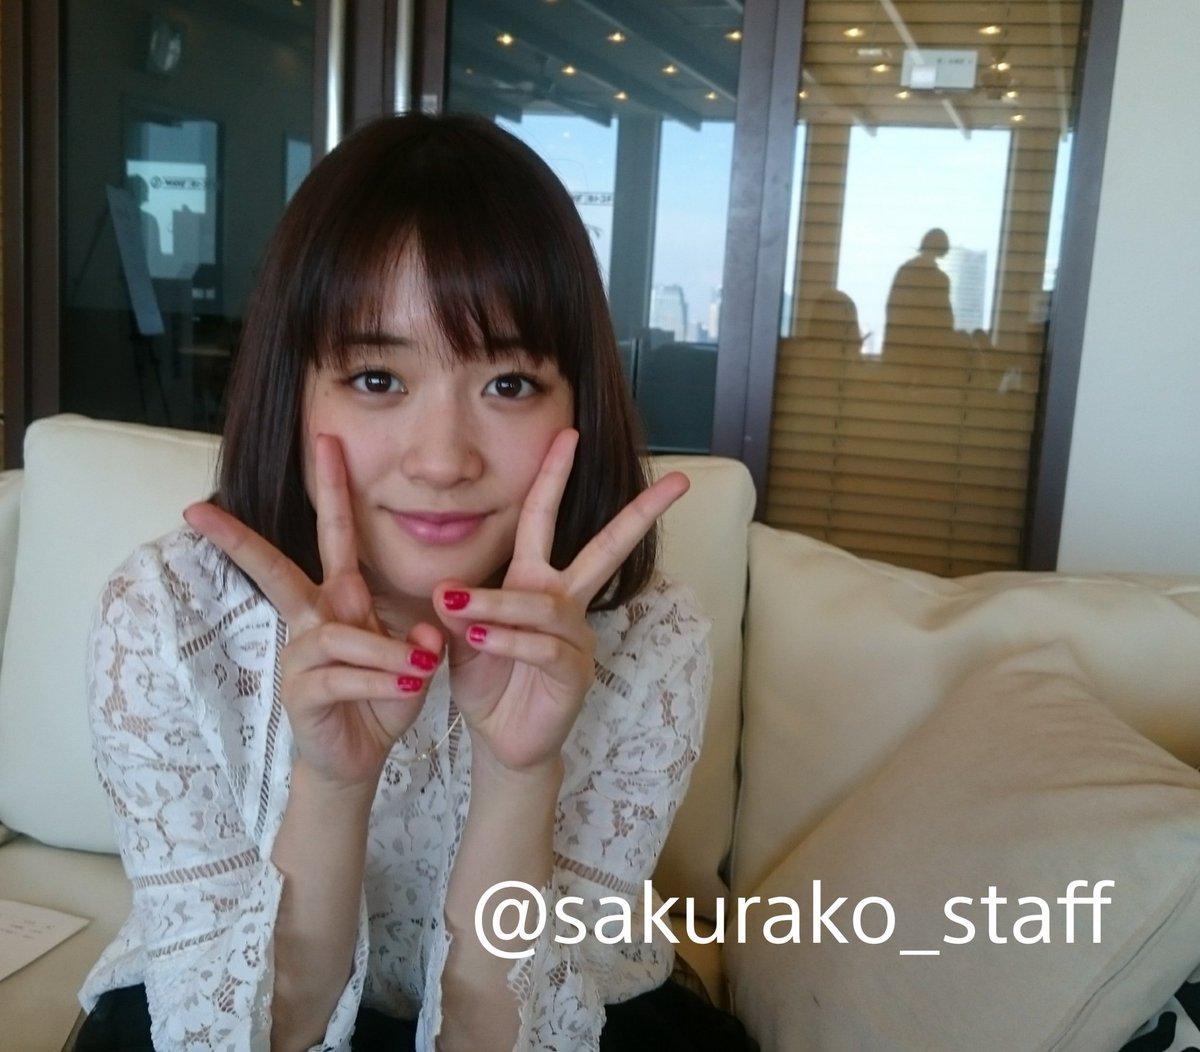 大原の櫻子さんも今日はお疲れ様でした♪